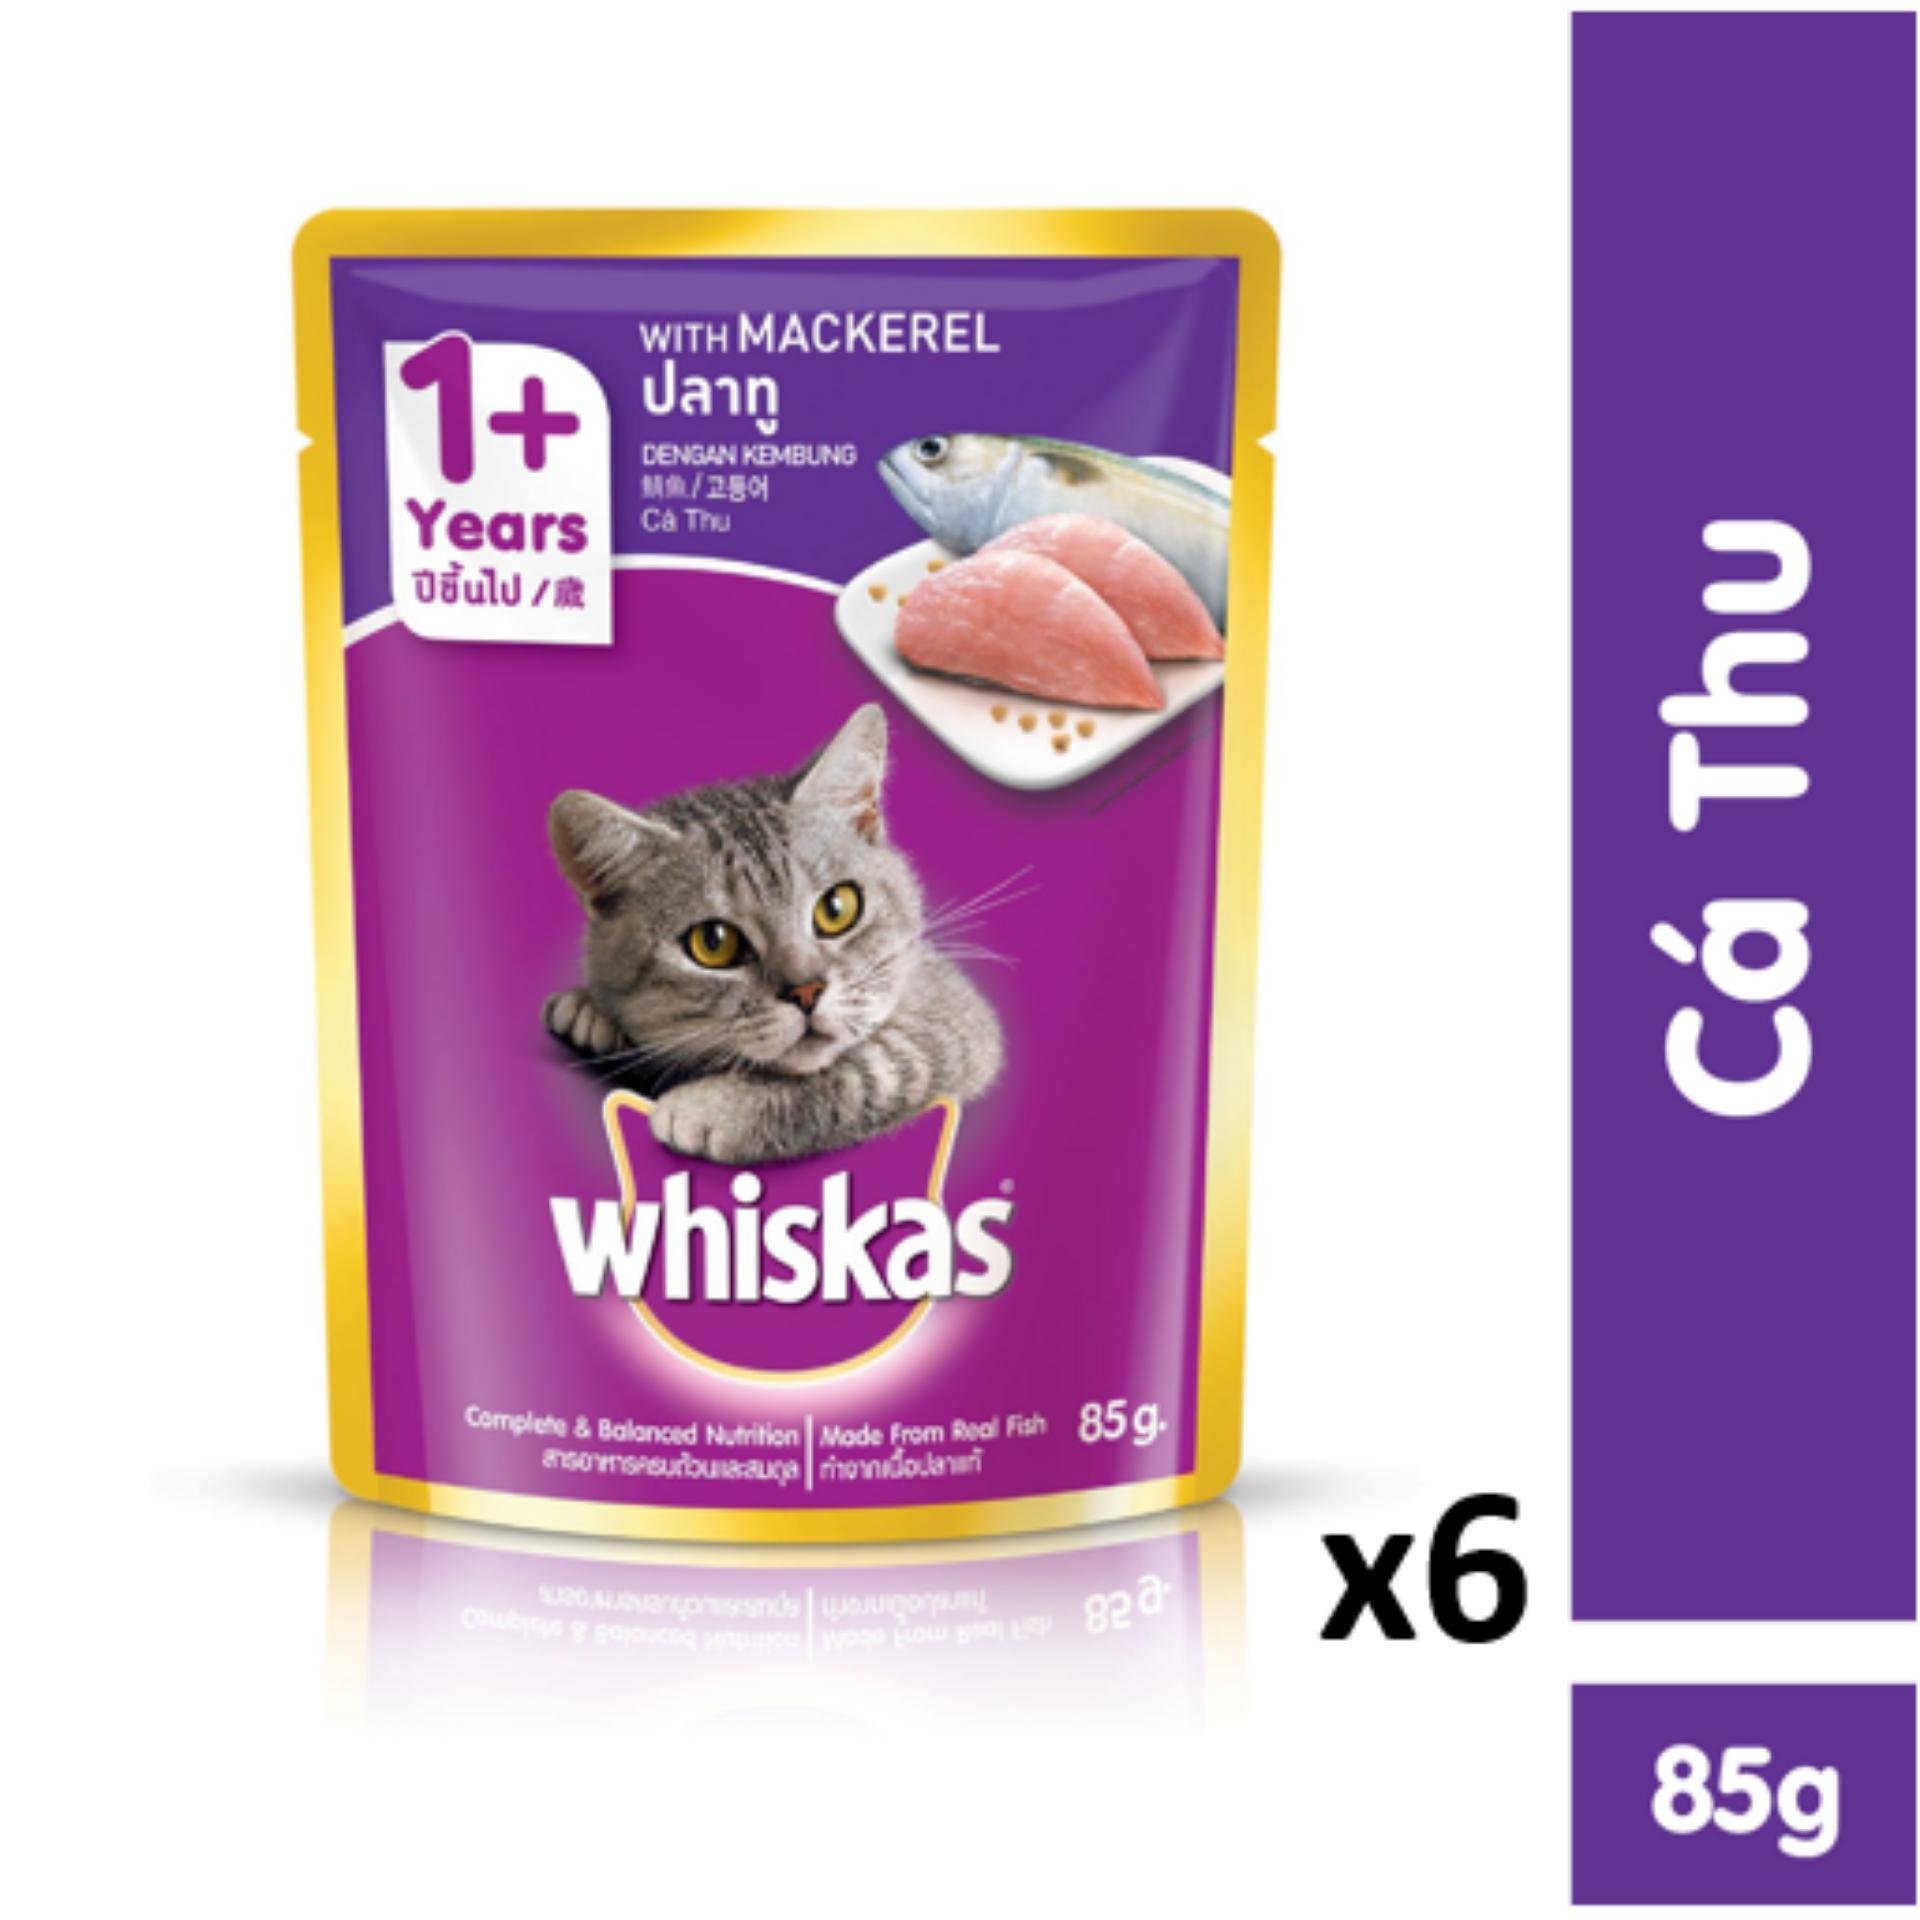 Ưu Đãi Giá cho Bộ 6 Túi Thức ăn Cho Mèo Whiskas Vị Cá Thu 85g